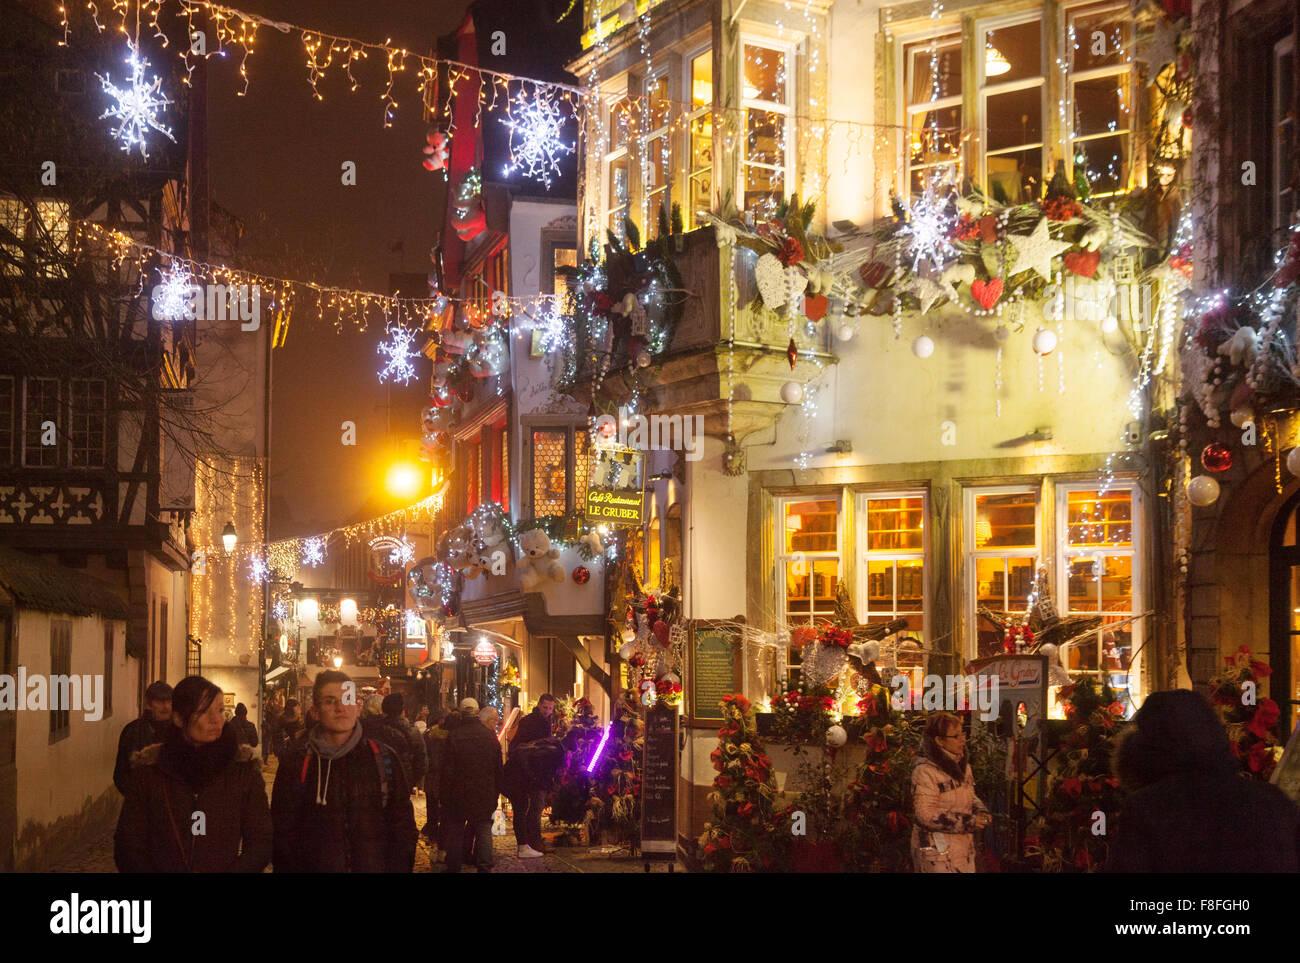 Weihnachtsbeleuchtung Außen Bogen.Weihnachtsbeleuchtung Und Dekorationen Auf Der Straße In Der Alten